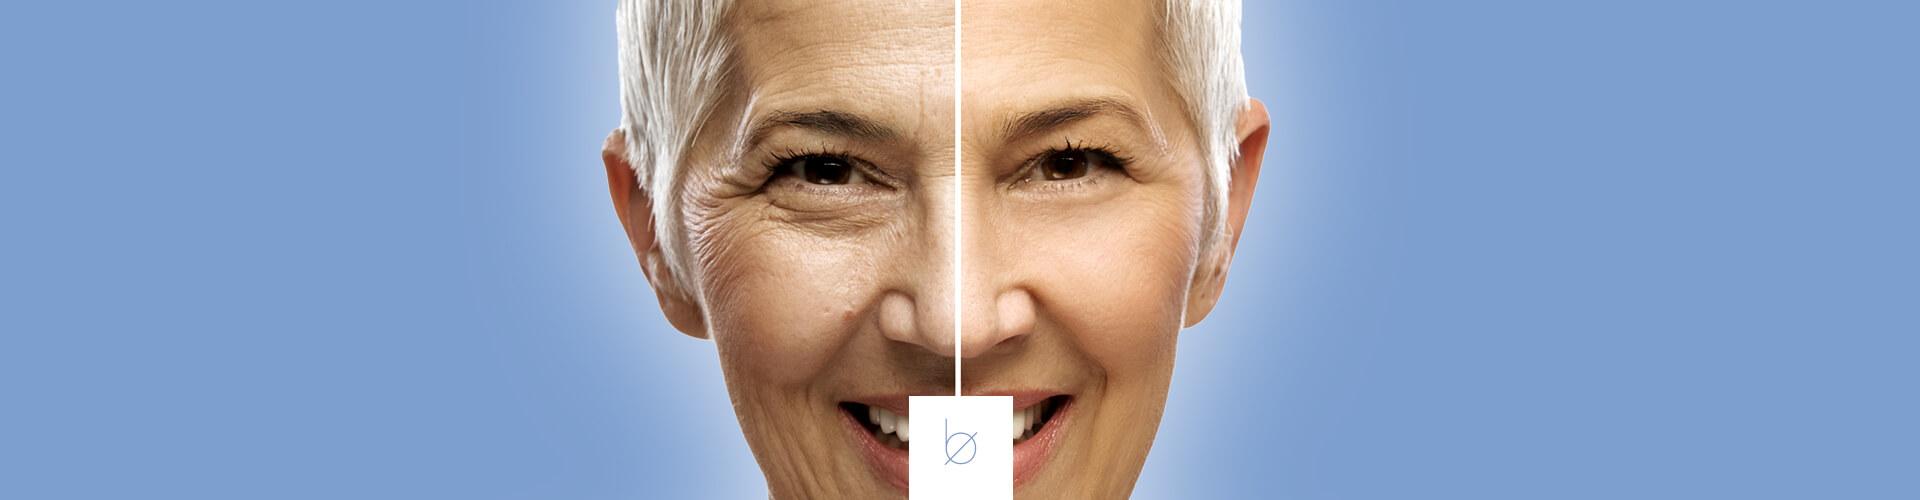 Revitaliza rostro con botox